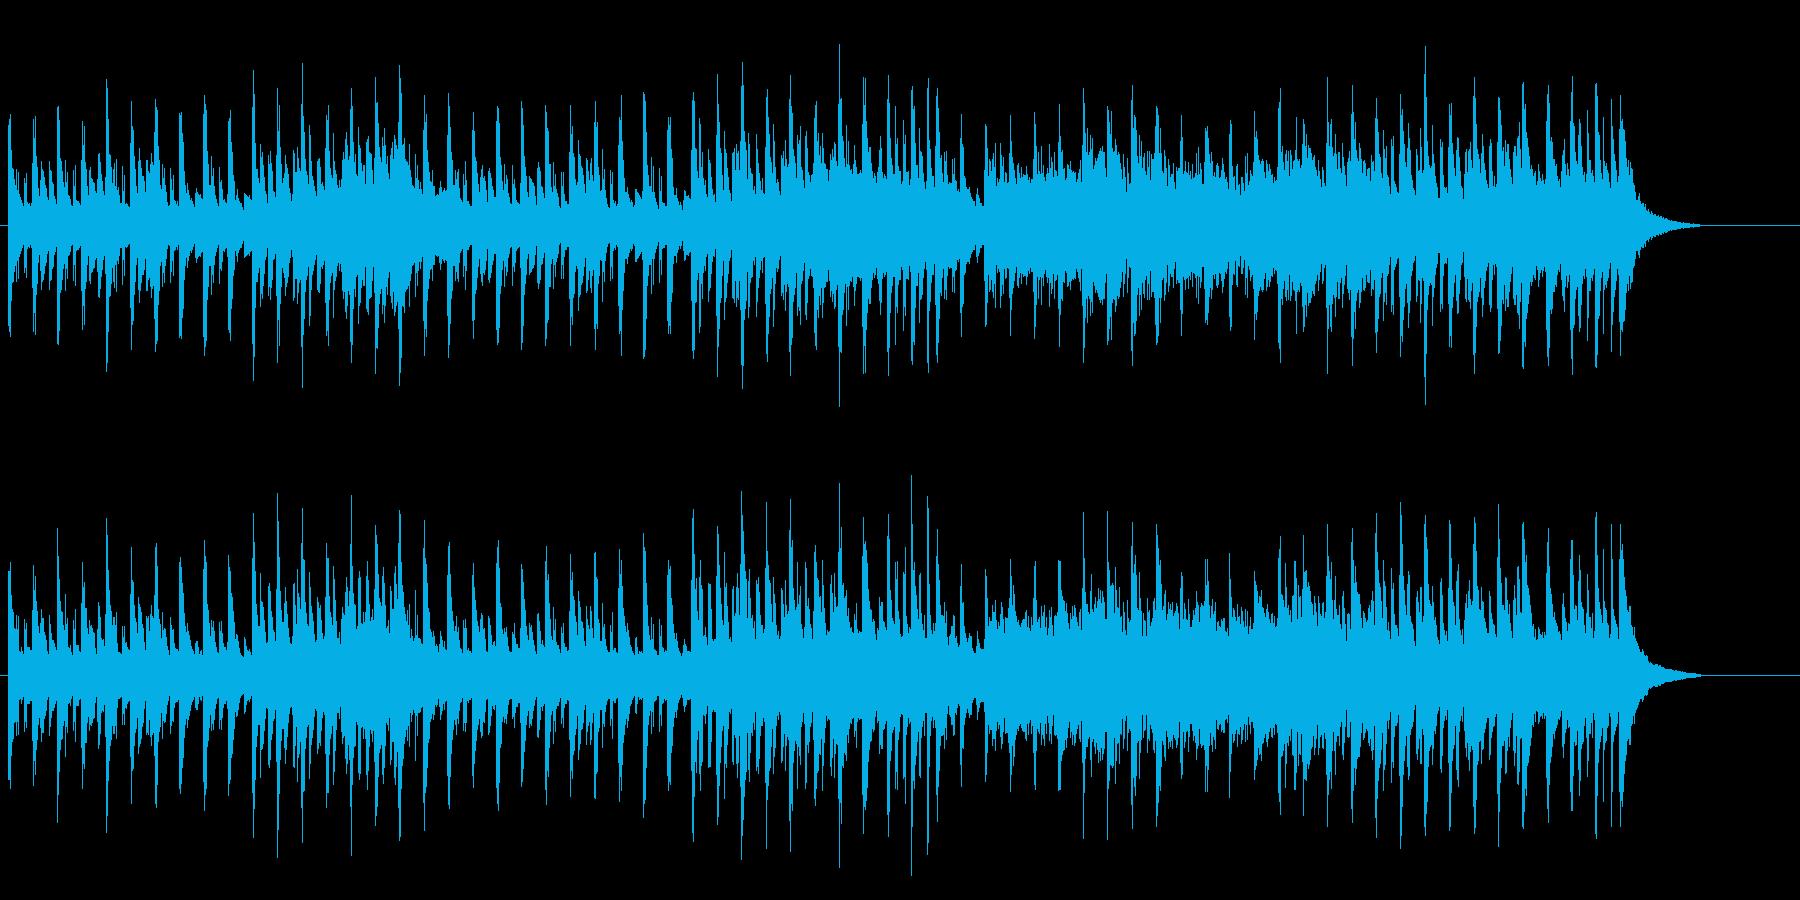 ヨーロピアンカラーのポップスの再生済みの波形